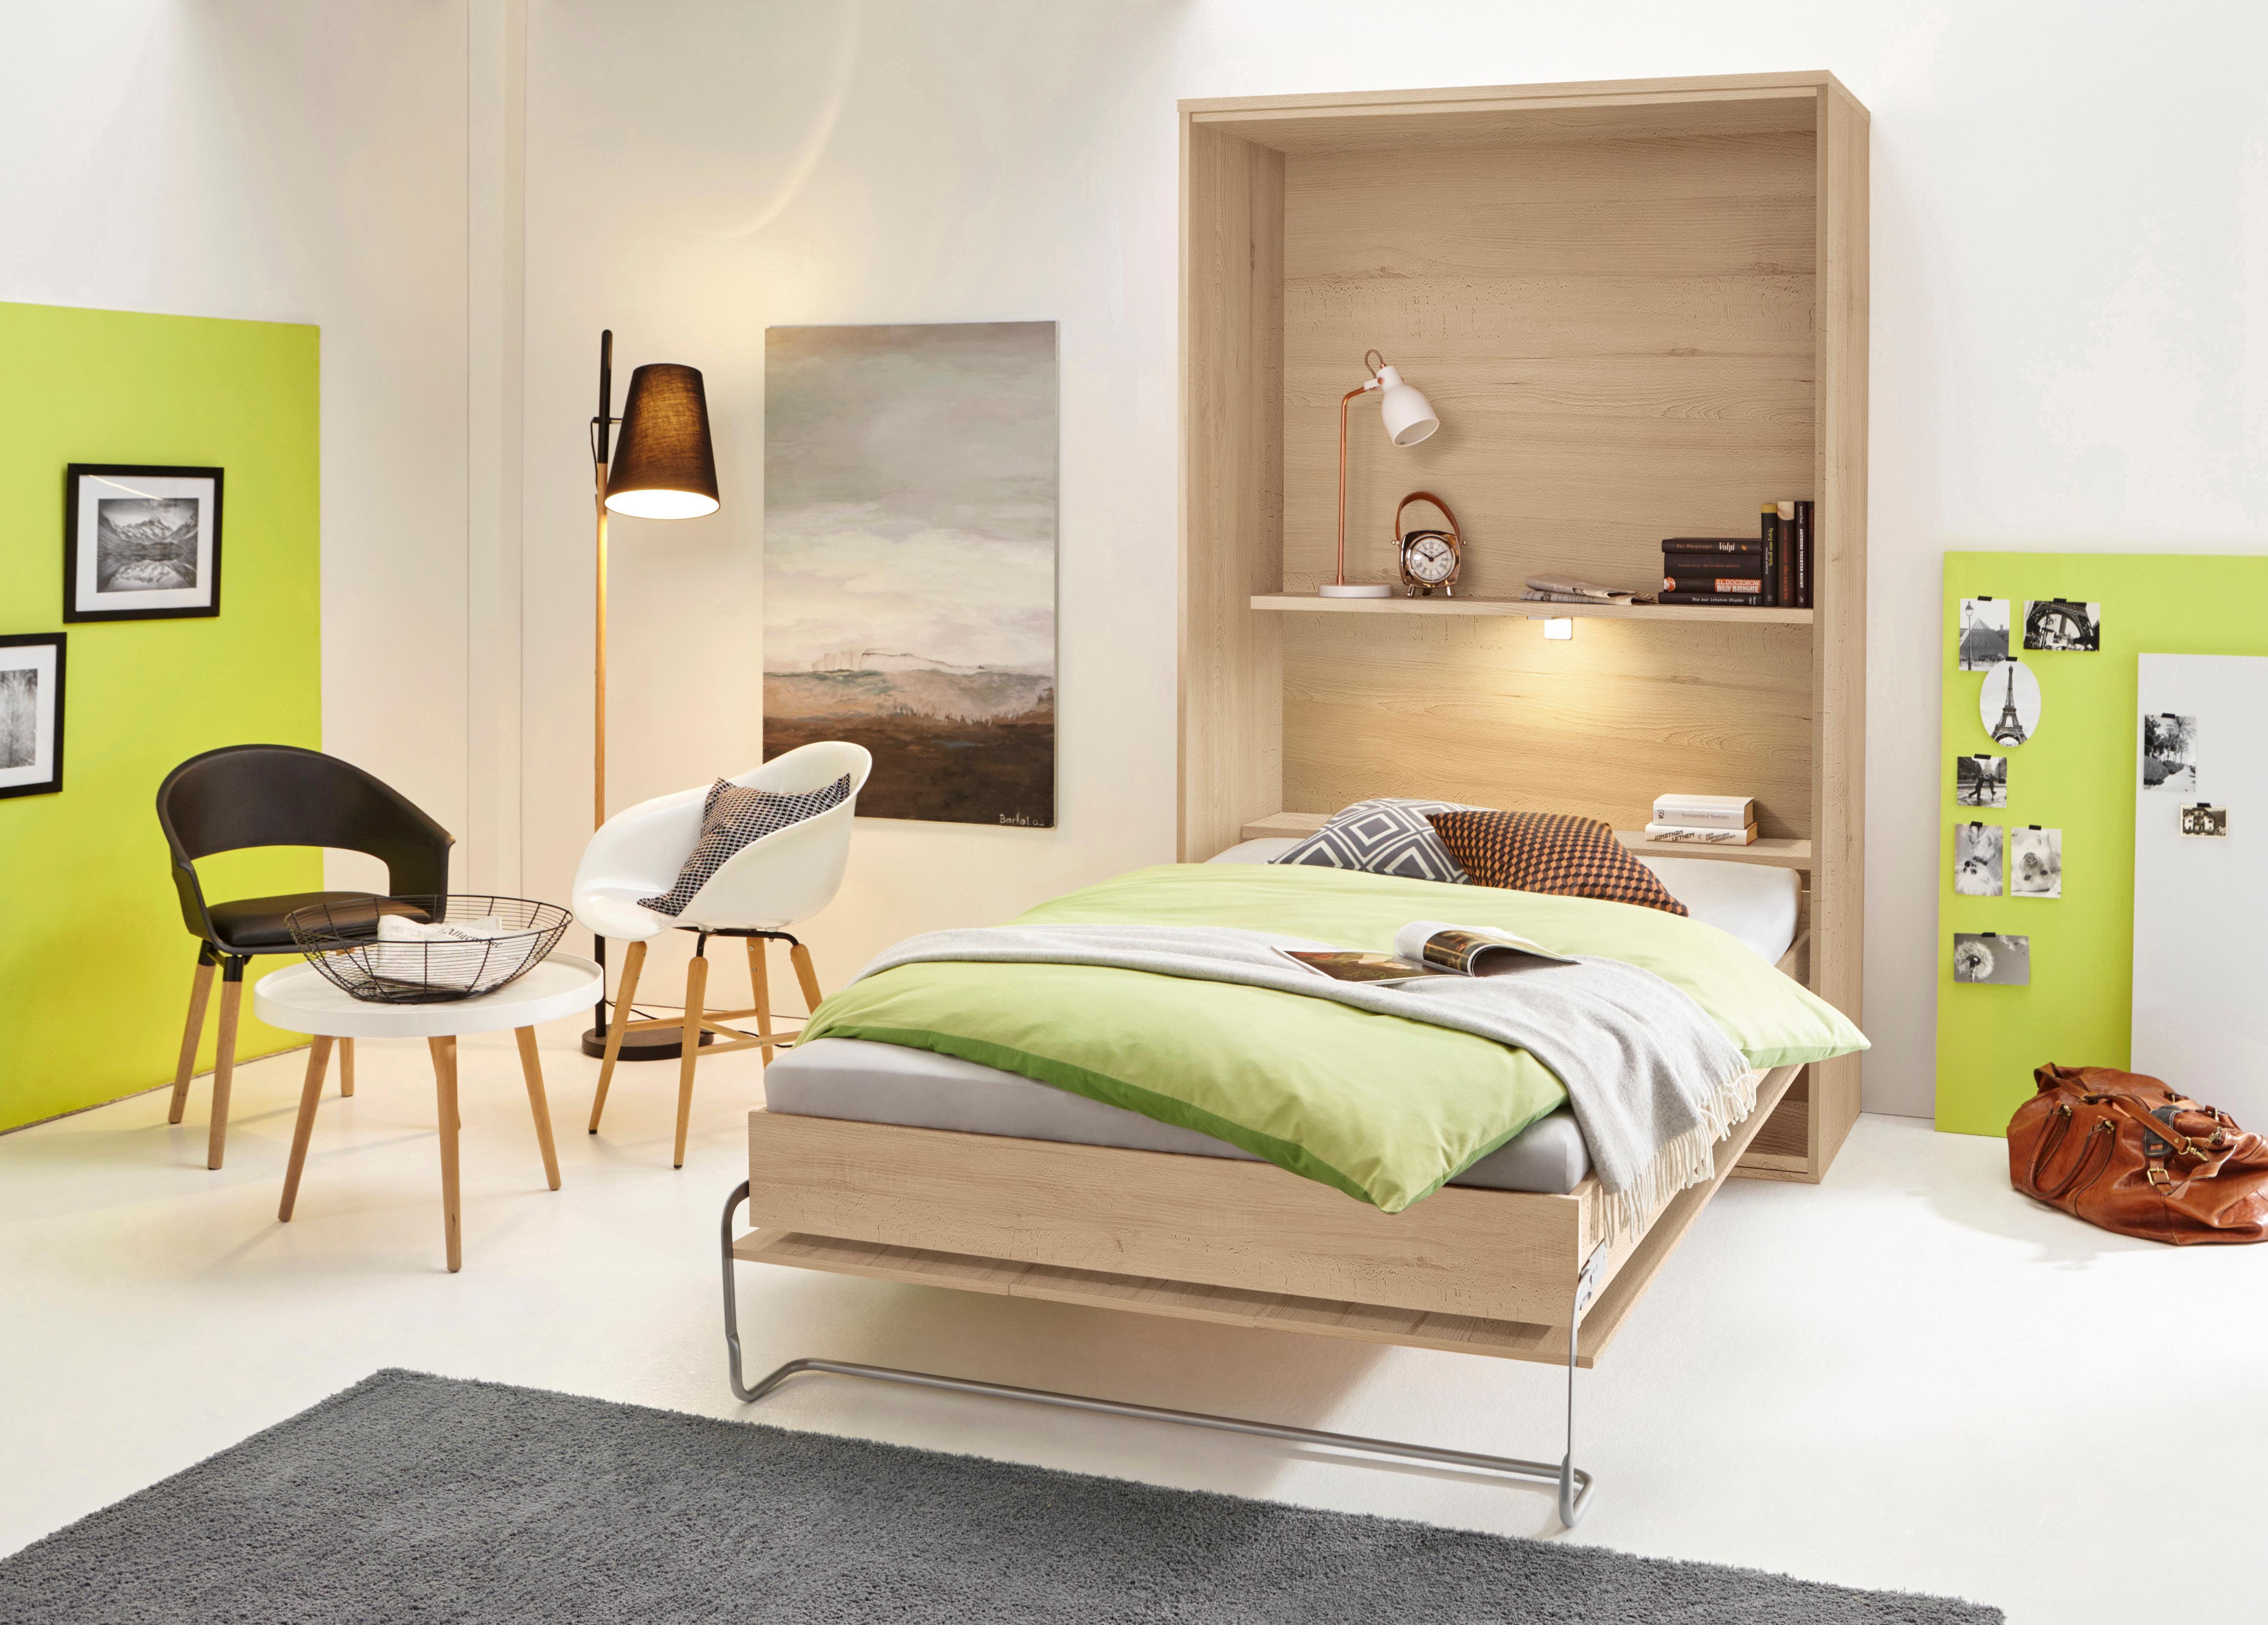 Schrankbett | Schlafzimmer > Betten > Schrankbetten | QUELLE